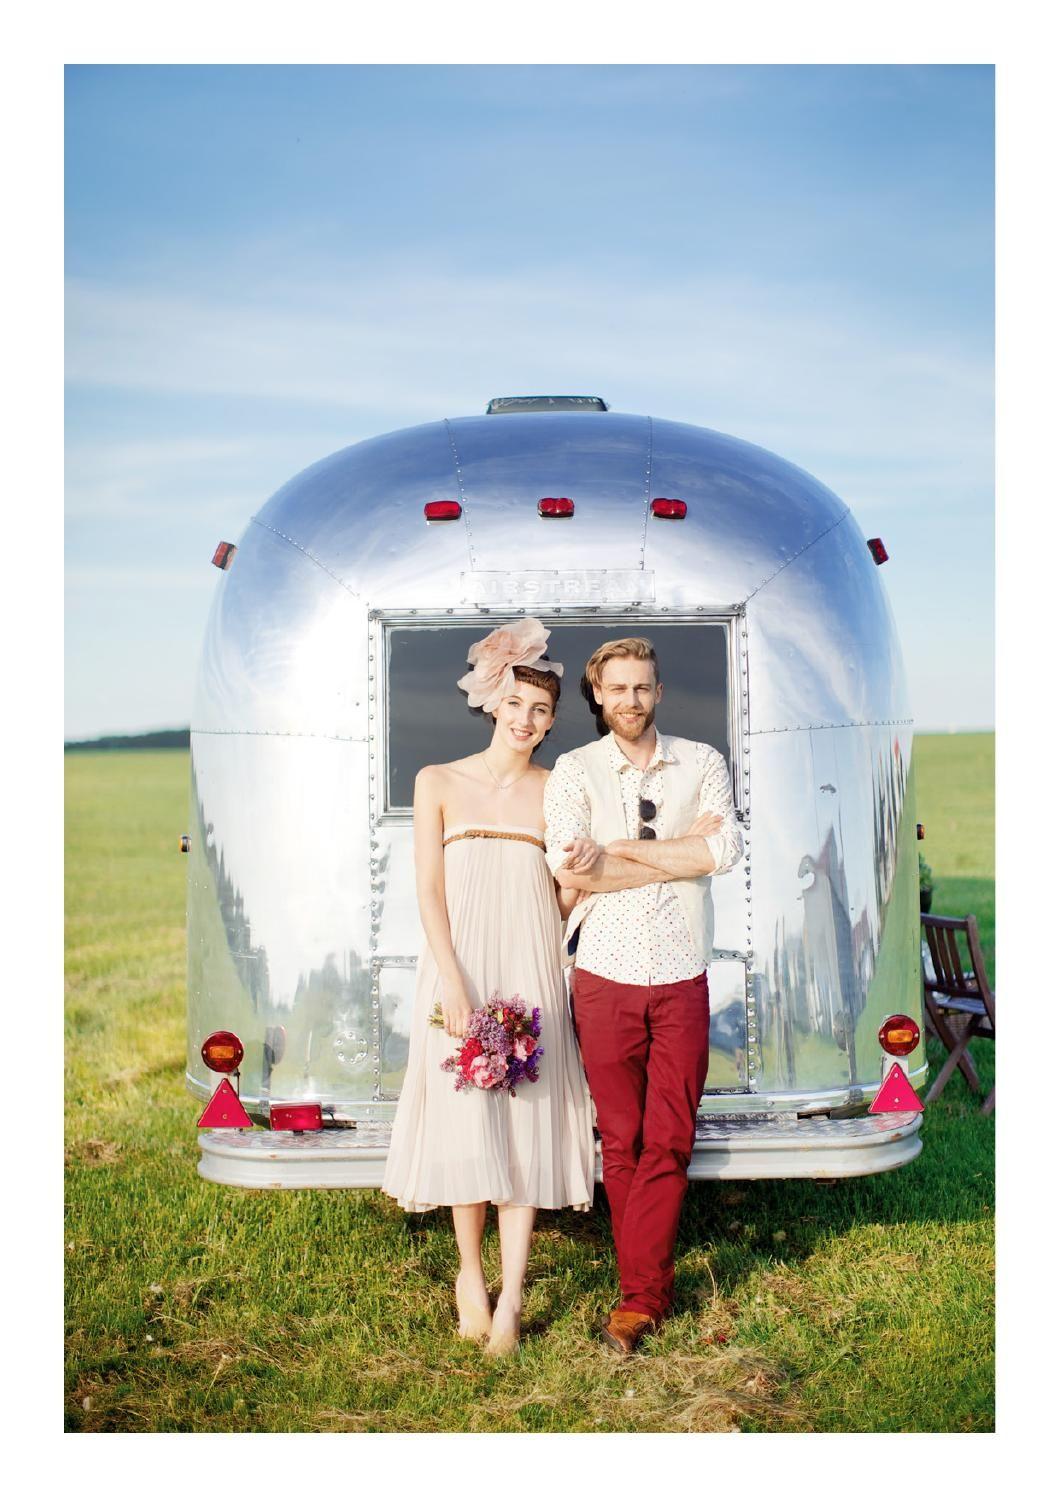 You&Me 01/2015  Jedinečný online svatební magazín pro moderní nevěsty. Kolekce těch nejkrásnějších skutečných svateb a svatebních inspirací pro váš velký den.